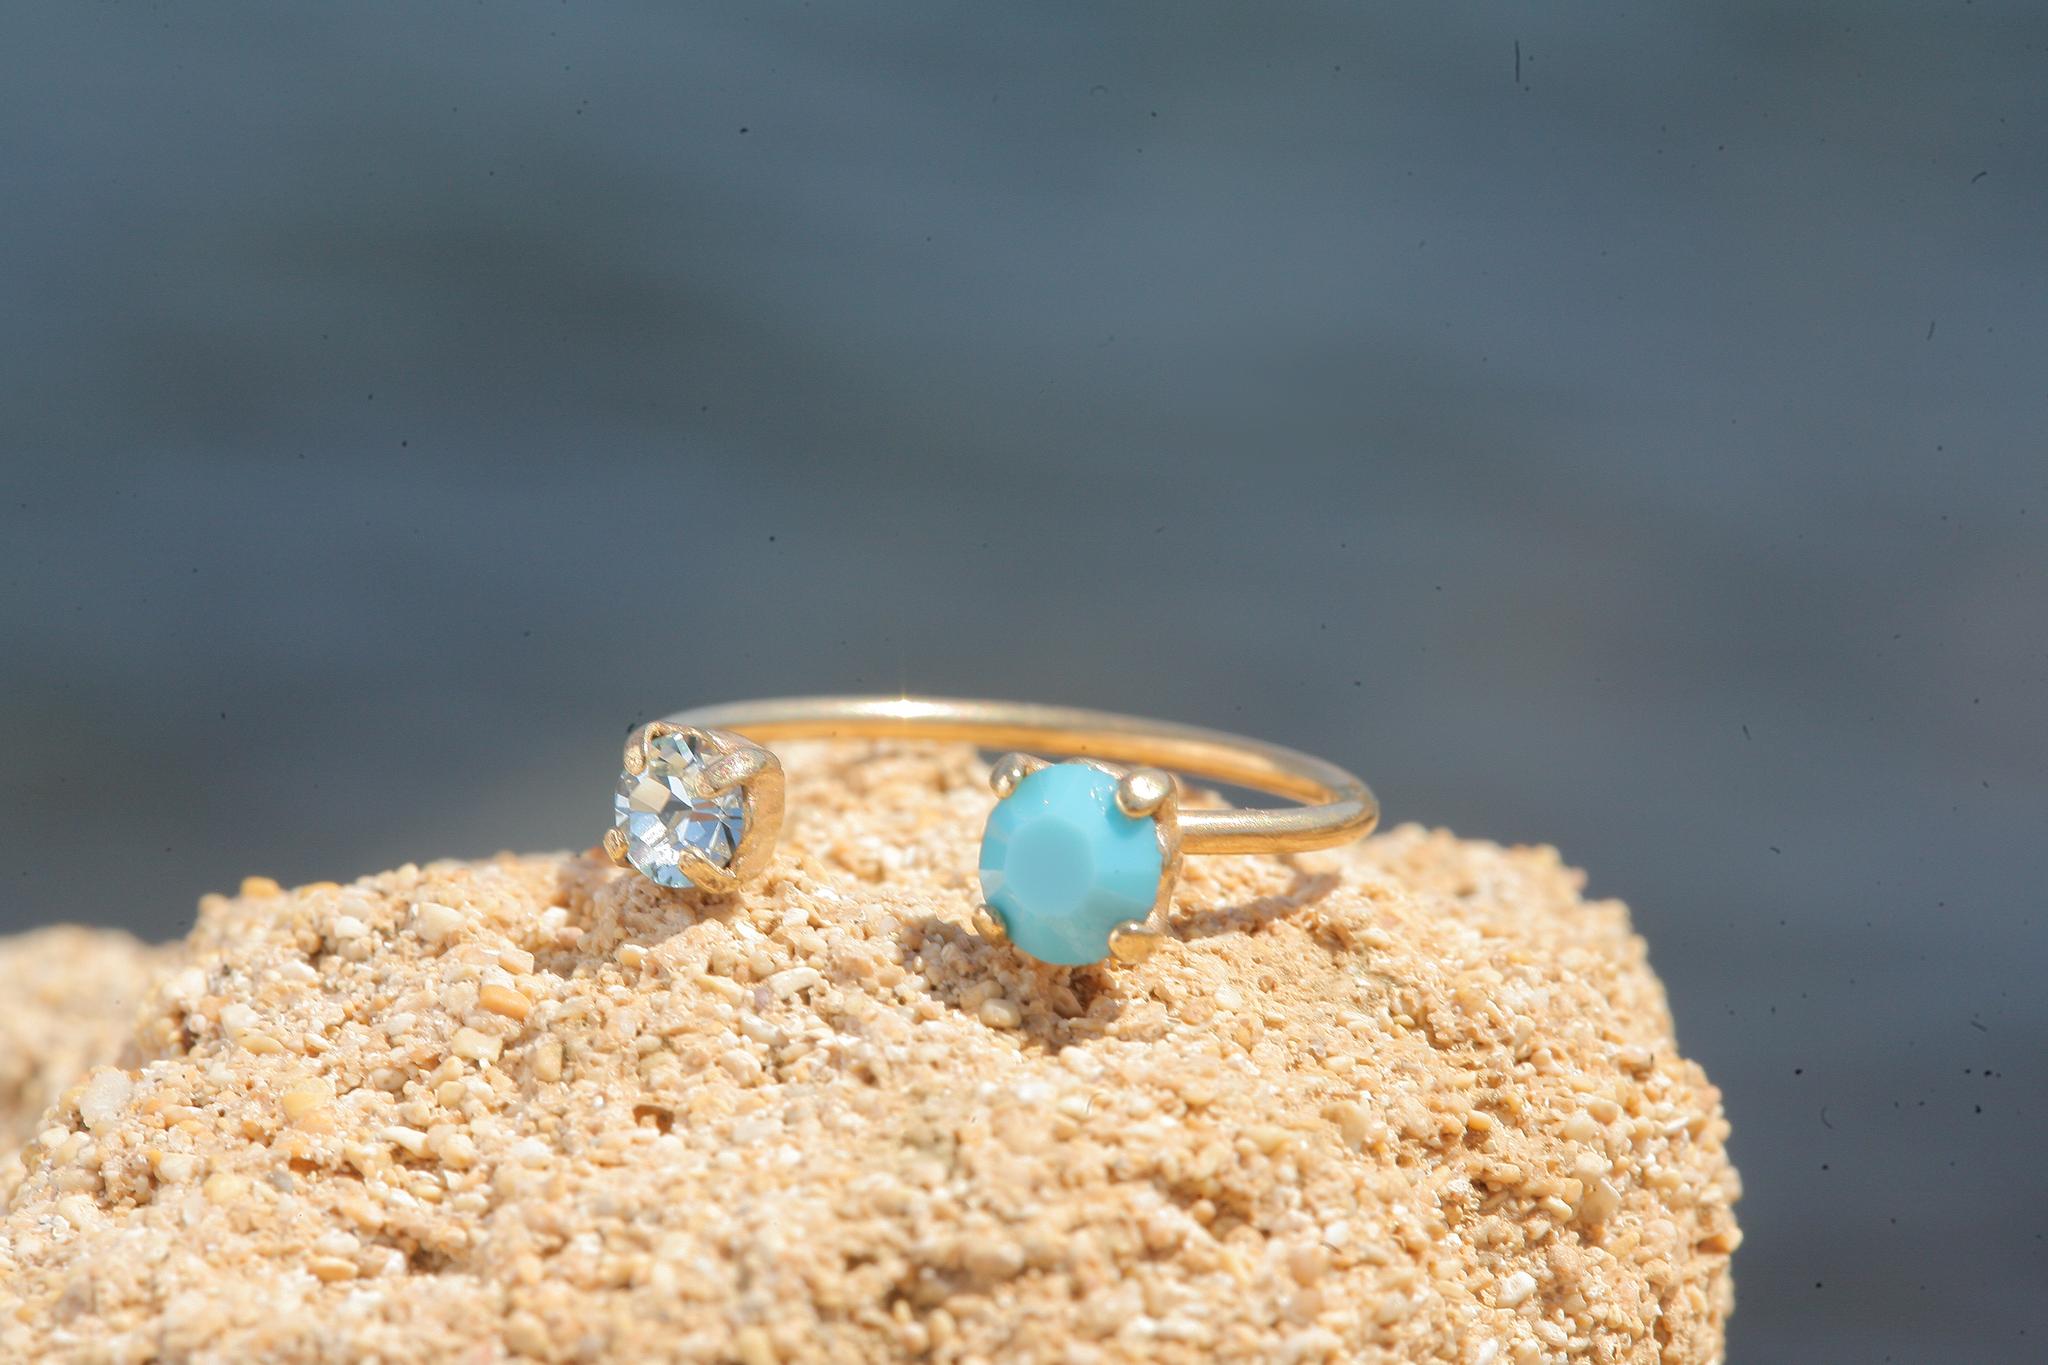 Zierlicher goldener Ring in einem turquoise mix